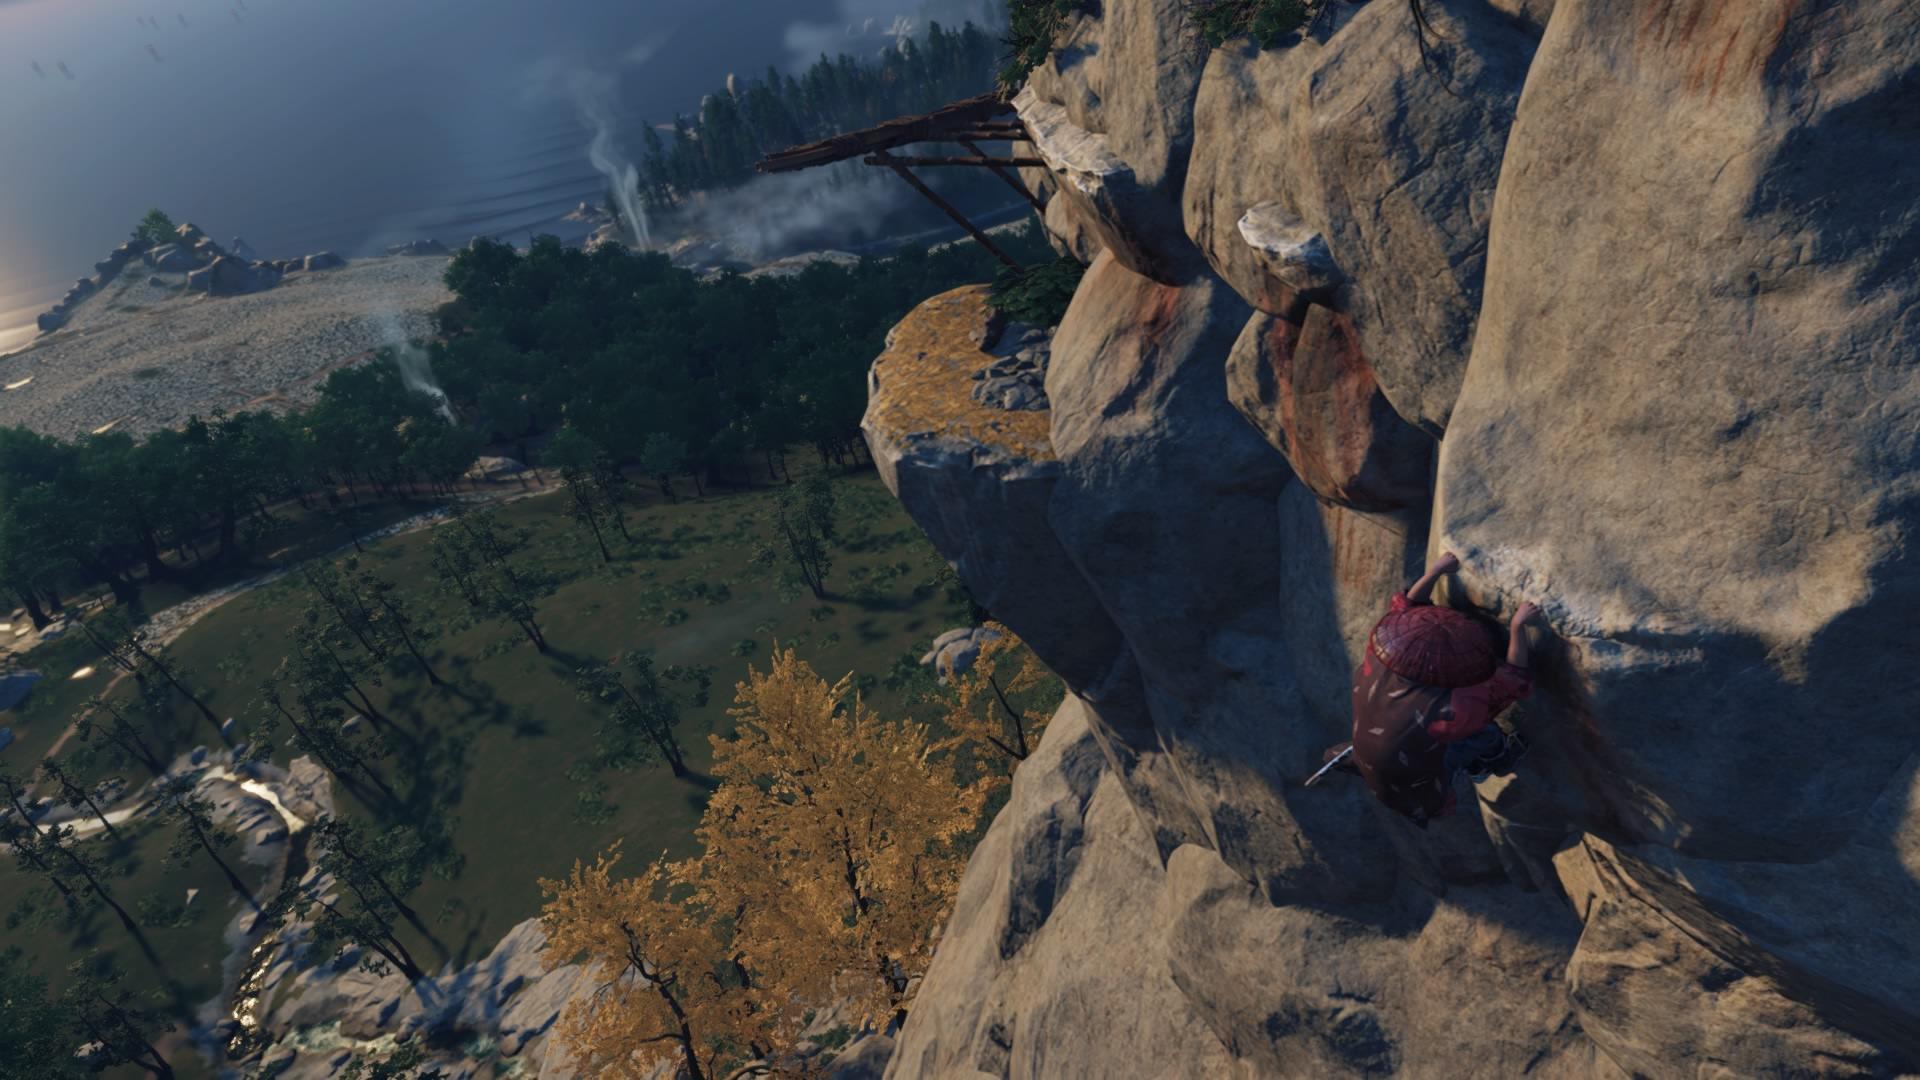 遊戲中還有許多能攀爬的點,可以爬到高處看看美麗卻又充滿戰亂的對馬島。(圖源:PS4 Pro)